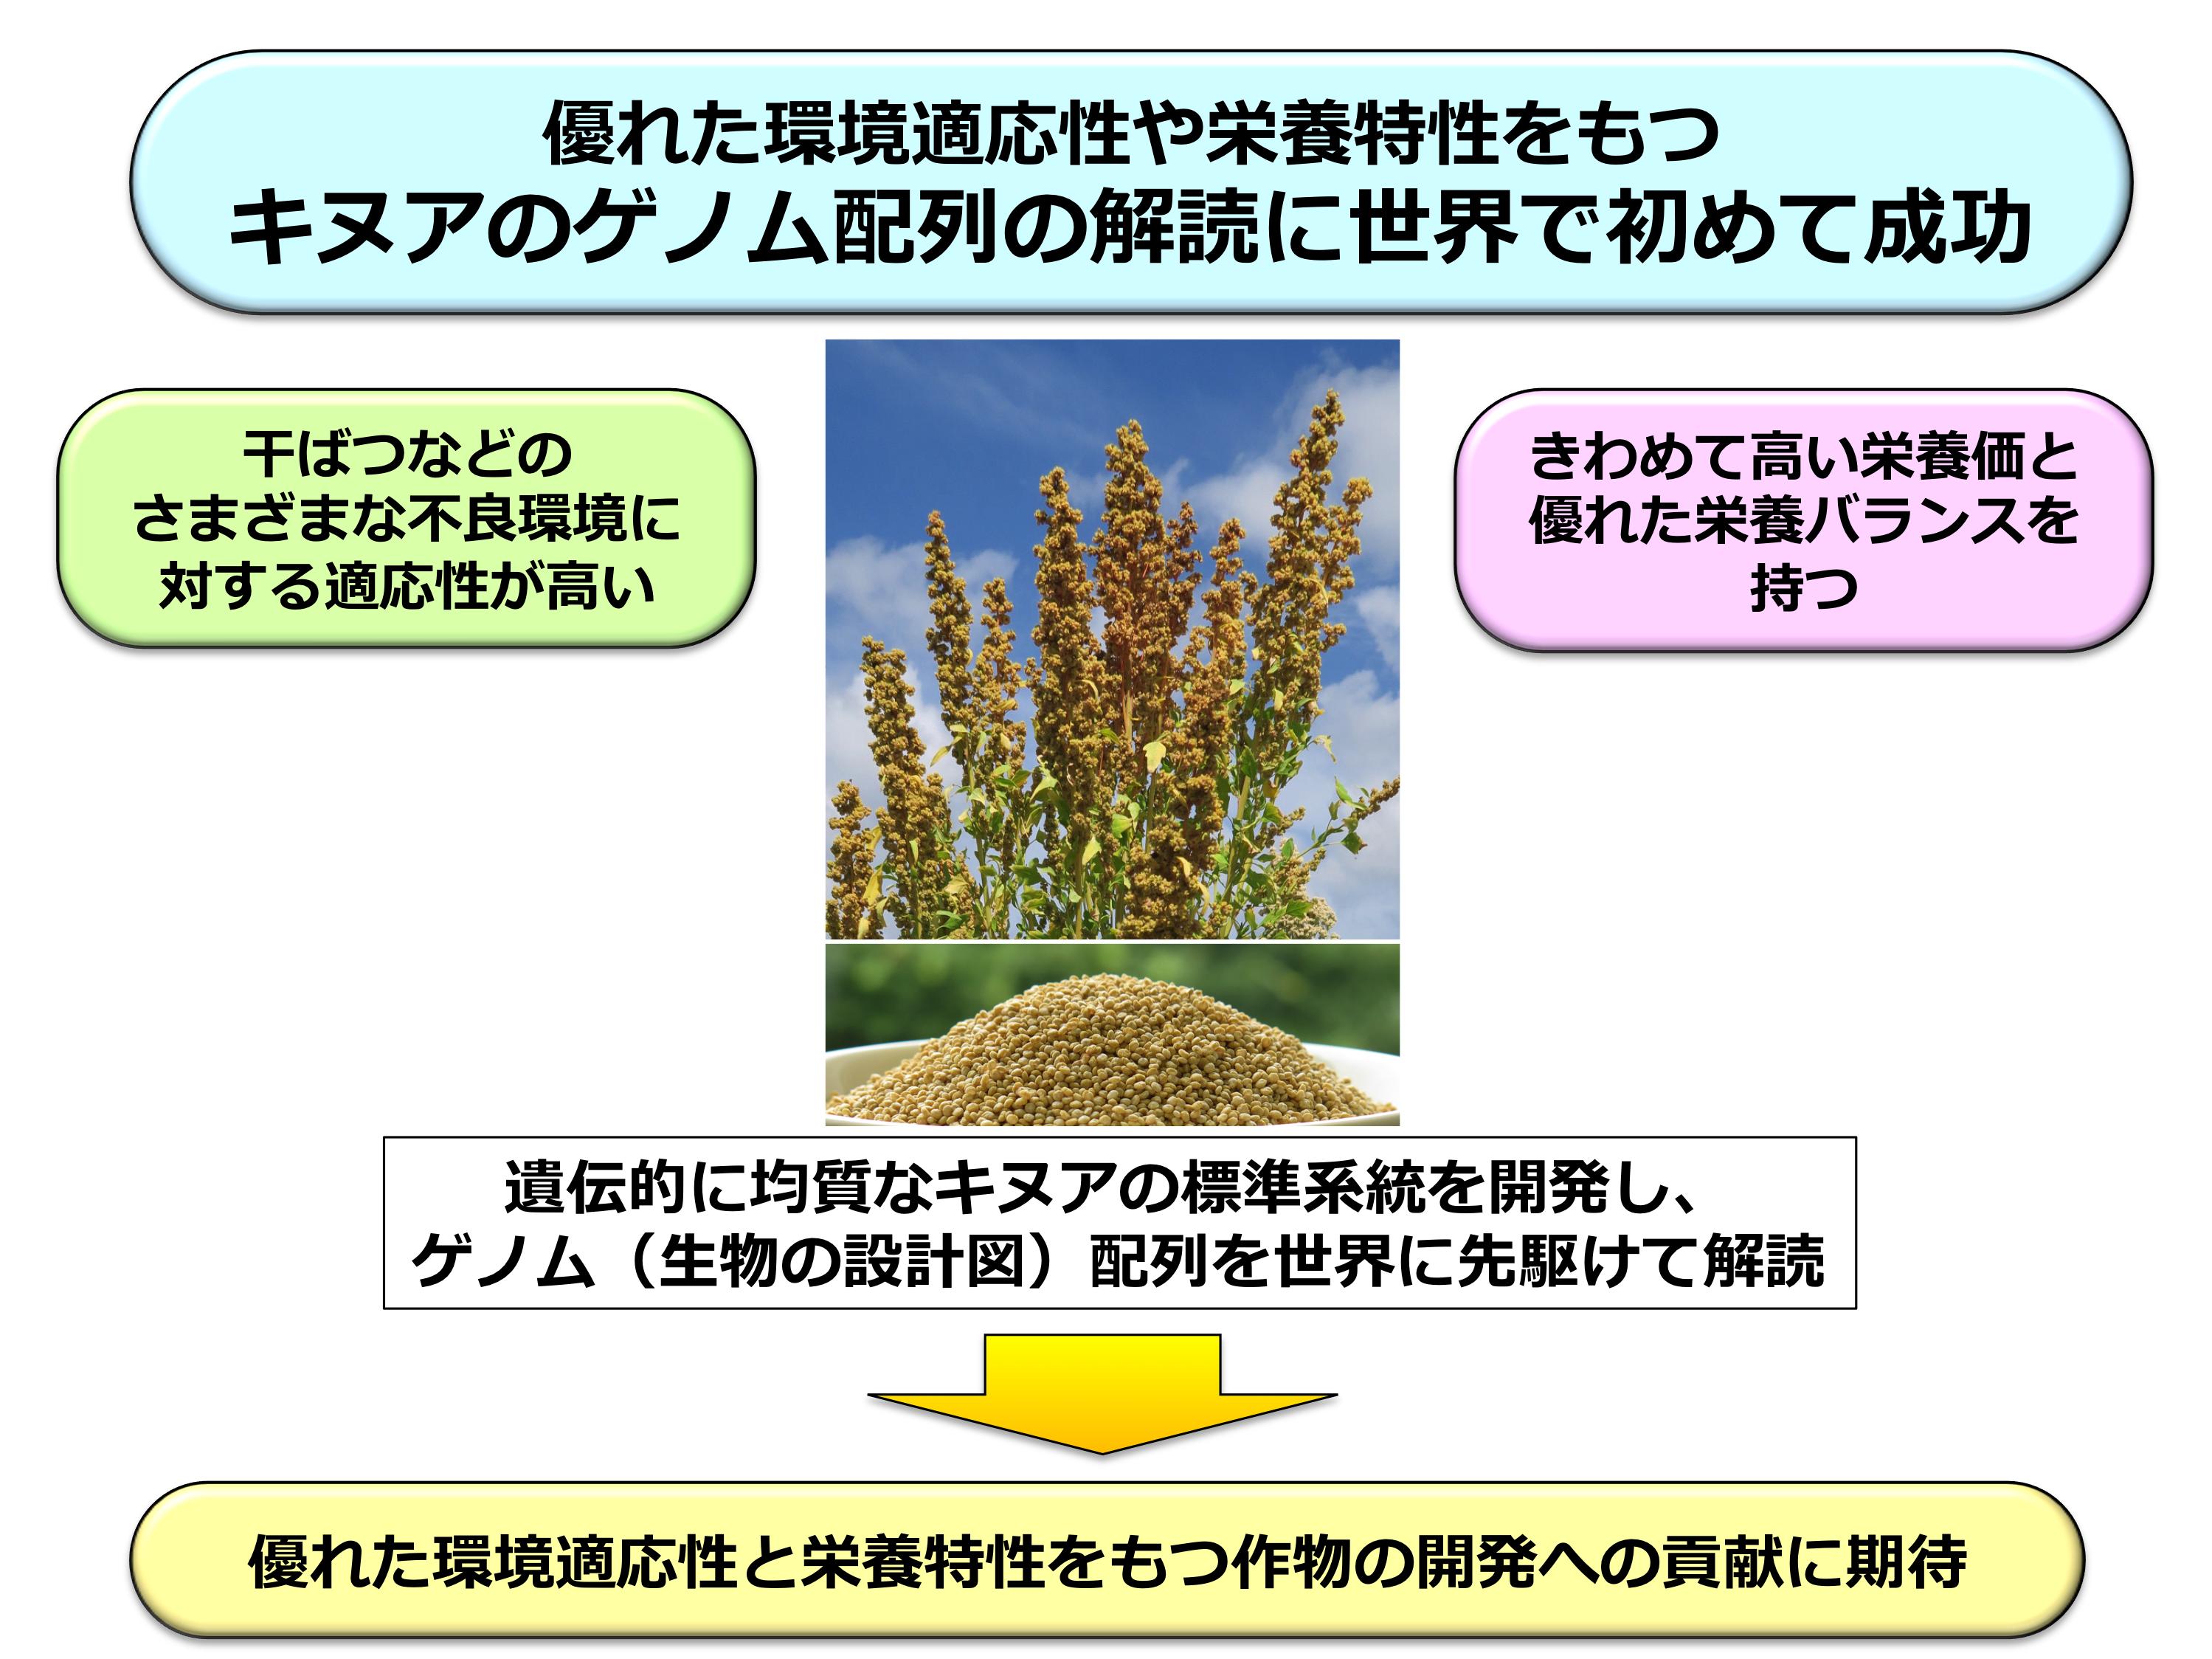 図3. キヌアのゲノム解読が切り拓く新たな作物改良への展開